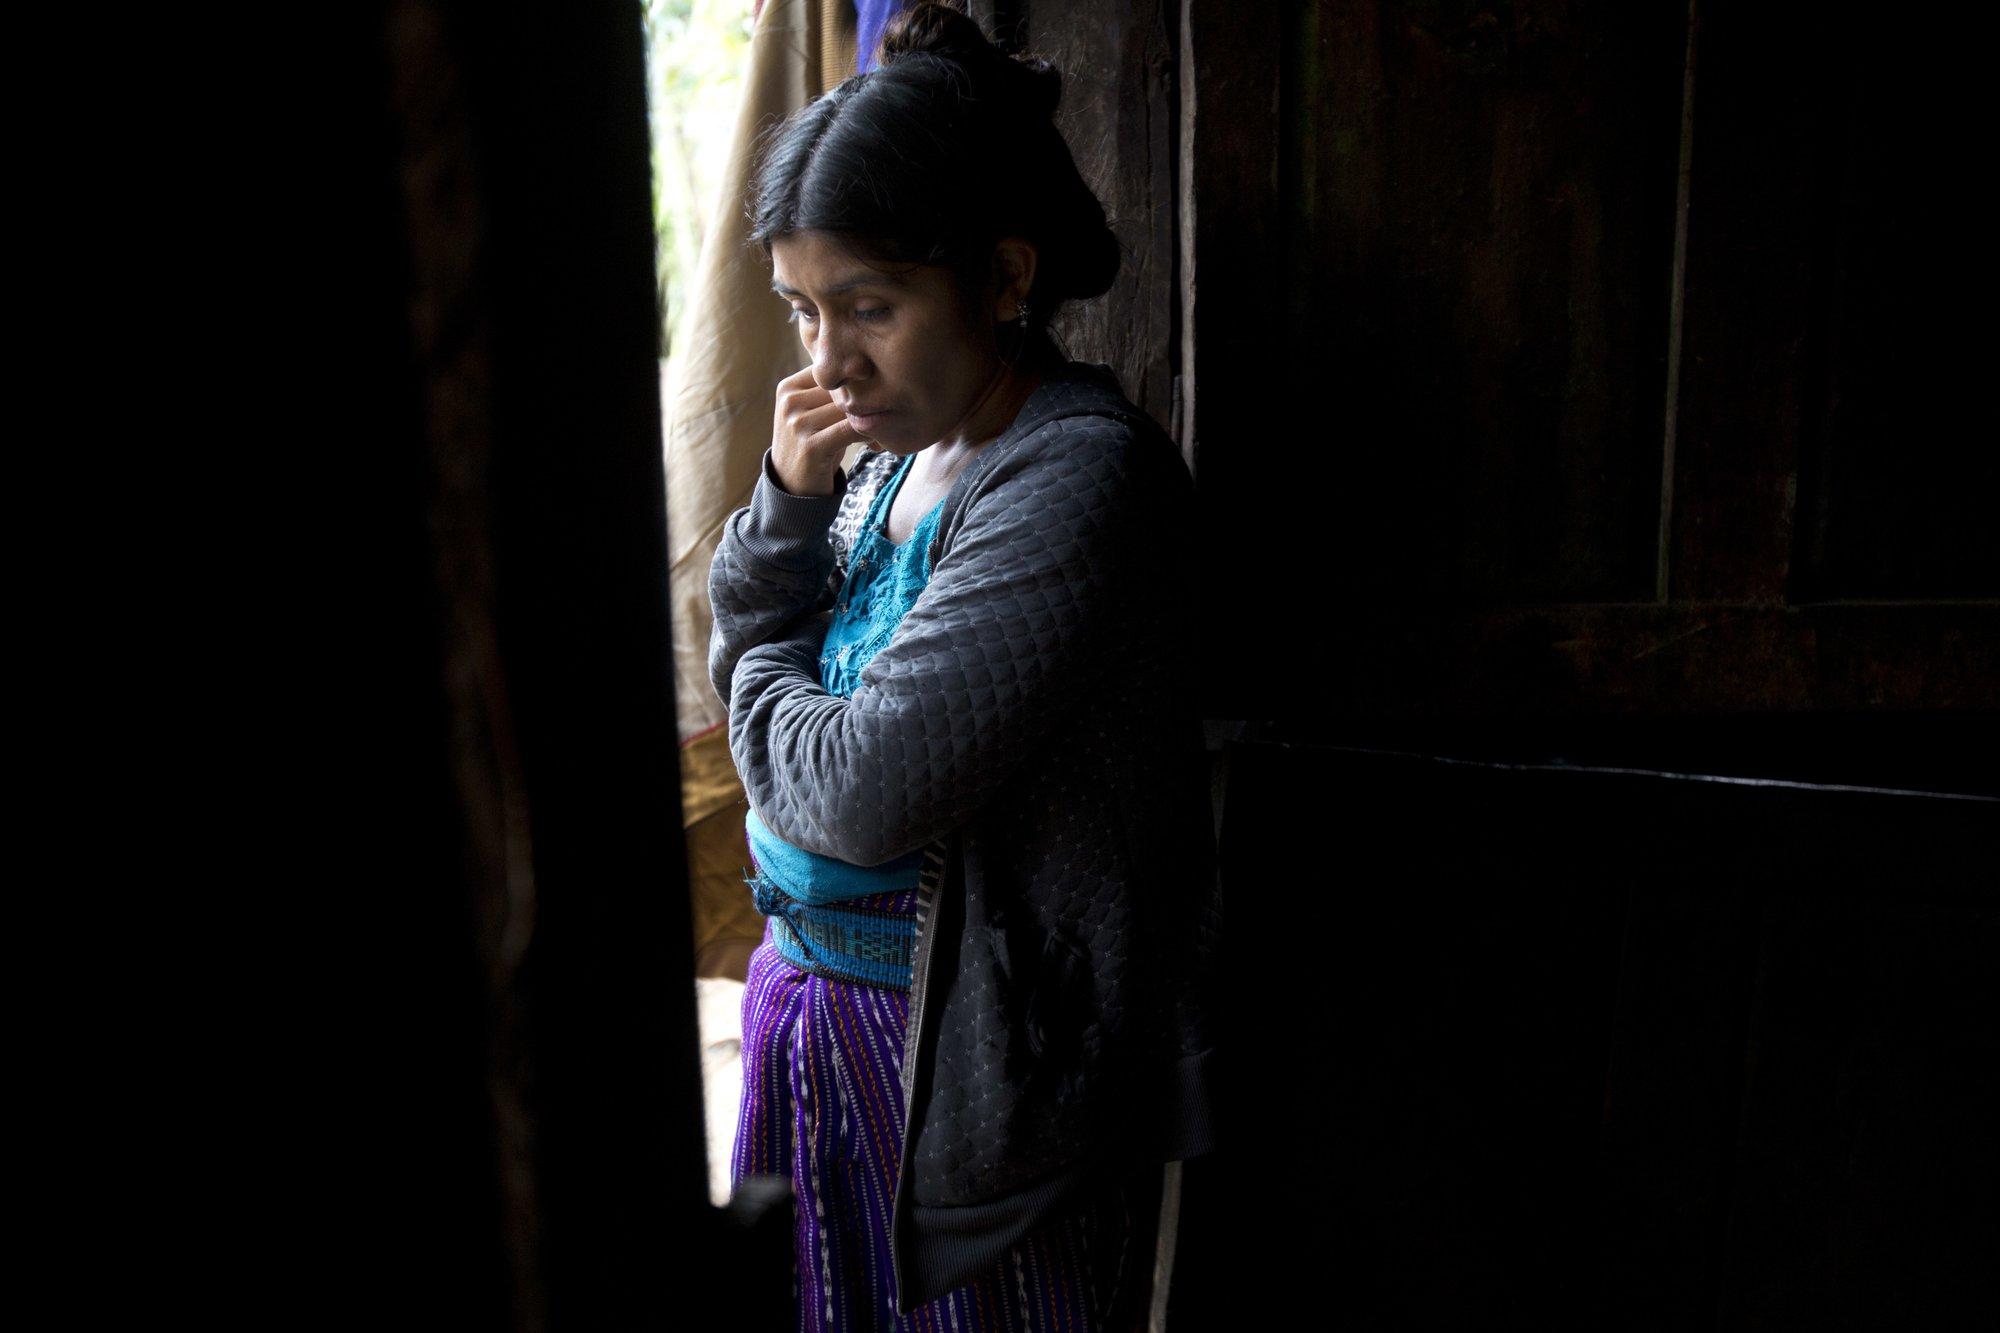 2nd child dead in US custody mourned in Guatemala village